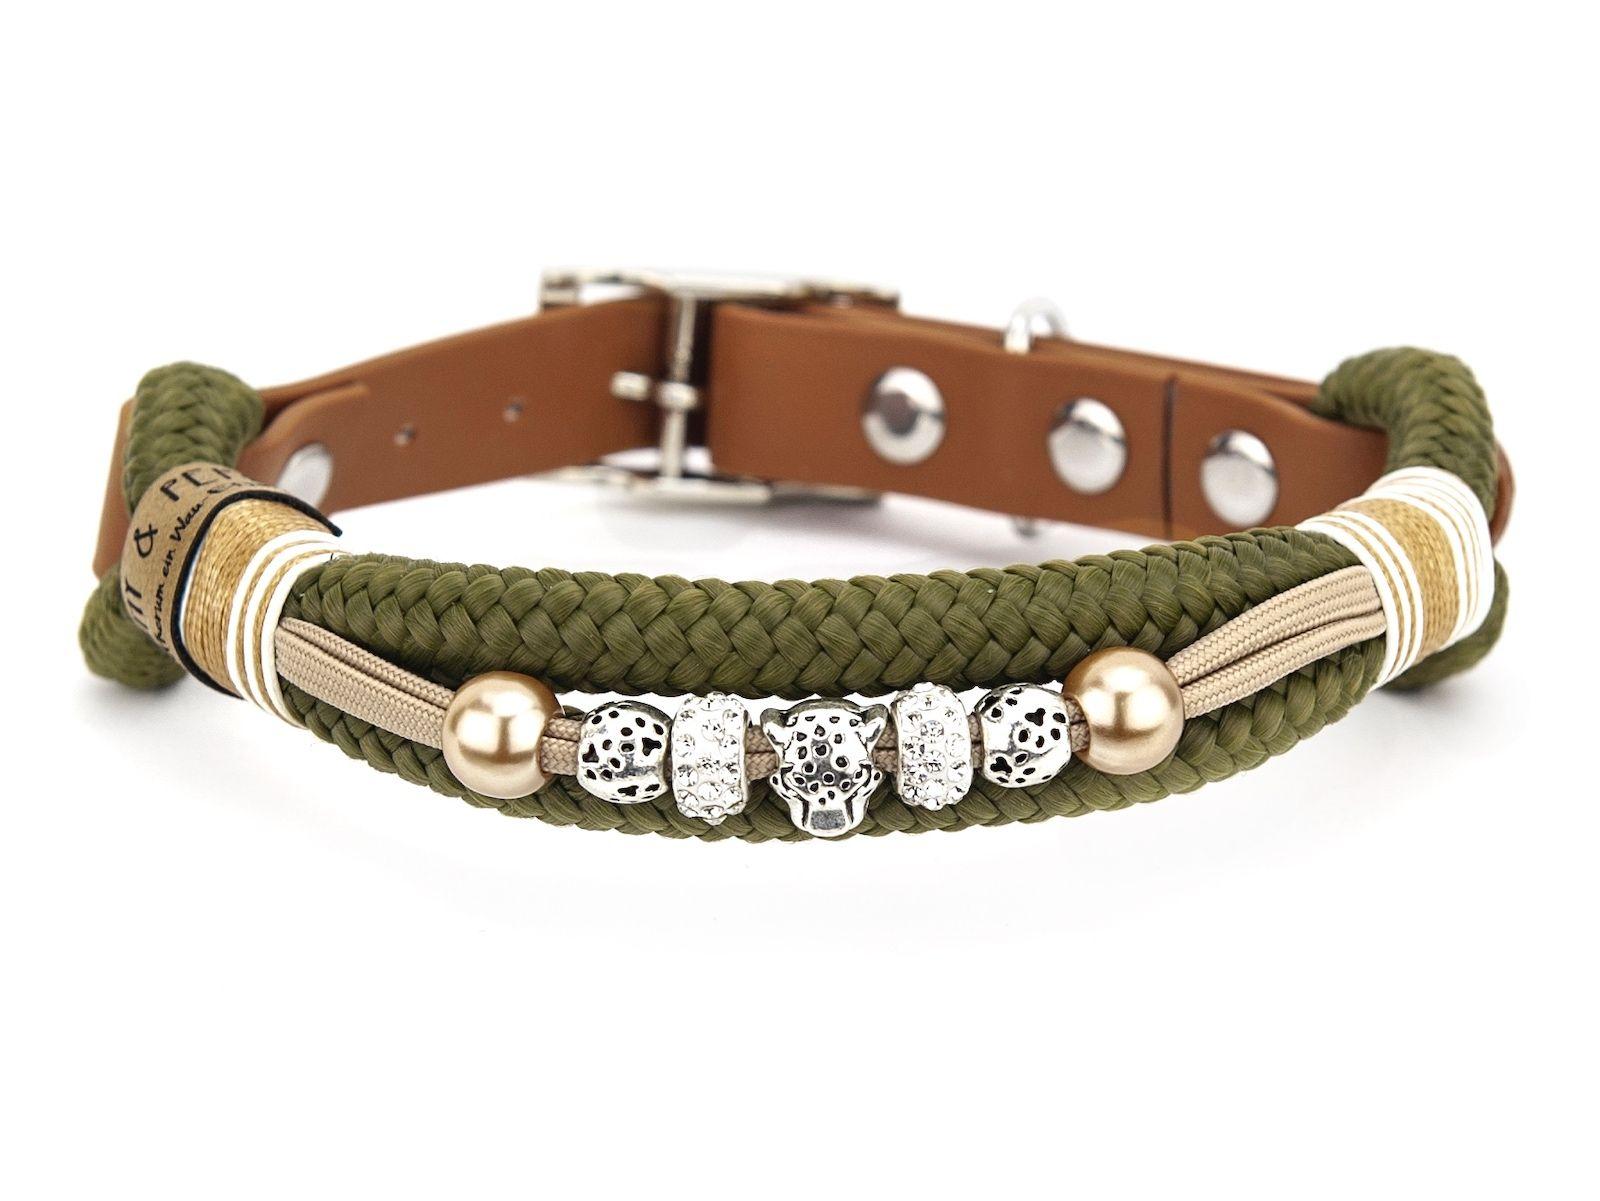 Tauhalsband mit Perlen Green Panther